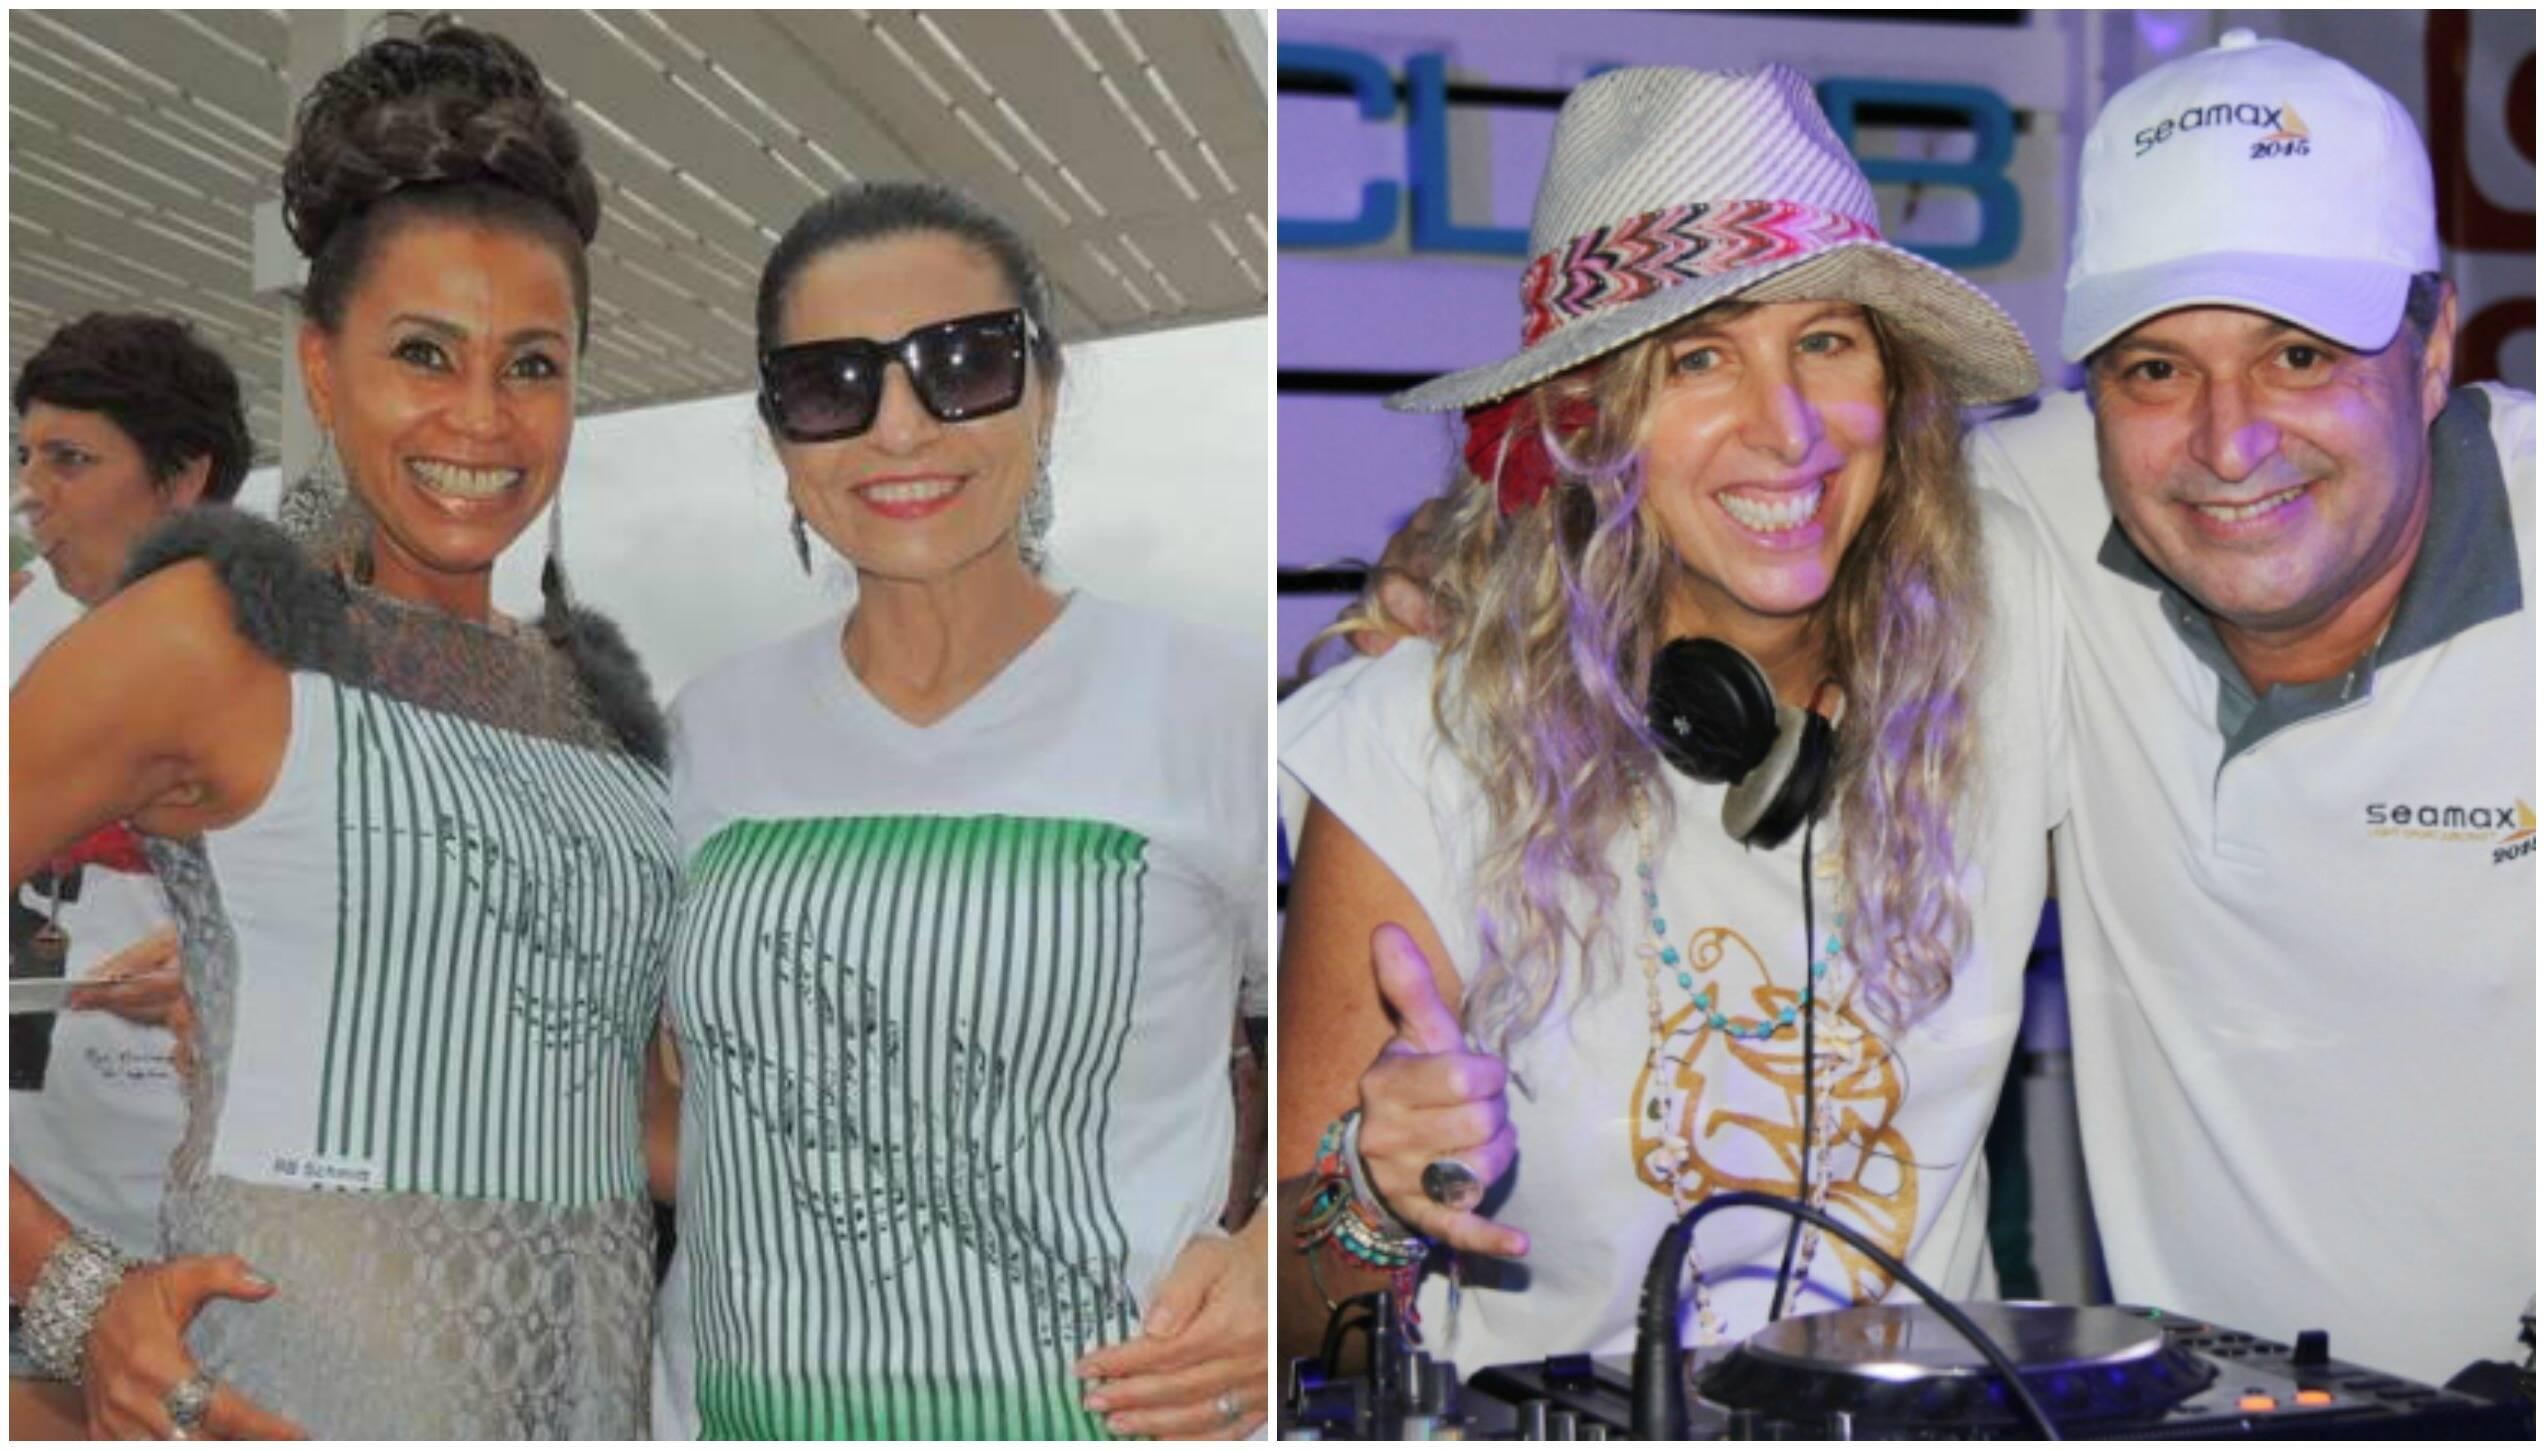 No alto, Ilda e Karina D'Ávila; à direita, Marcela Rica; acima, solange Modica e BB Schmitt; ao lado, os DJs Luluta Alencar e Bernard de Castejá / Fotos: divulgação